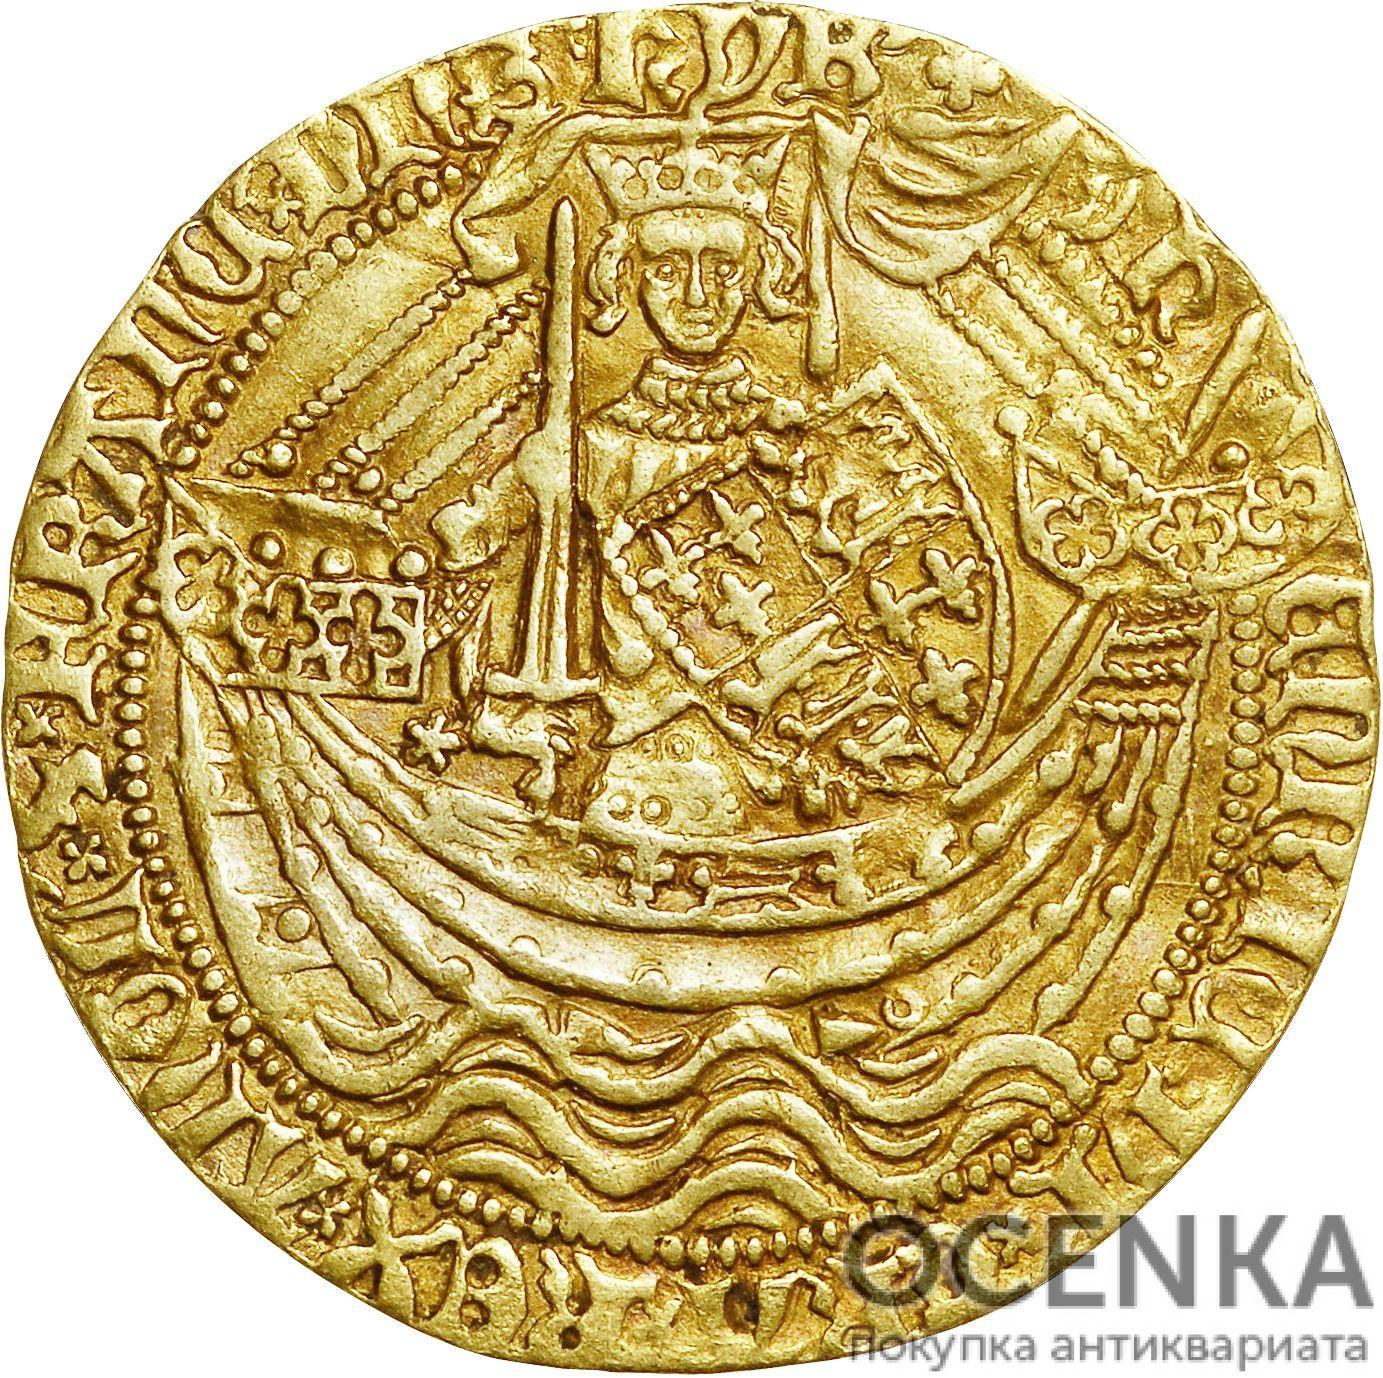 Золотая монета 1 Noble (нобль) Великобритания - 6